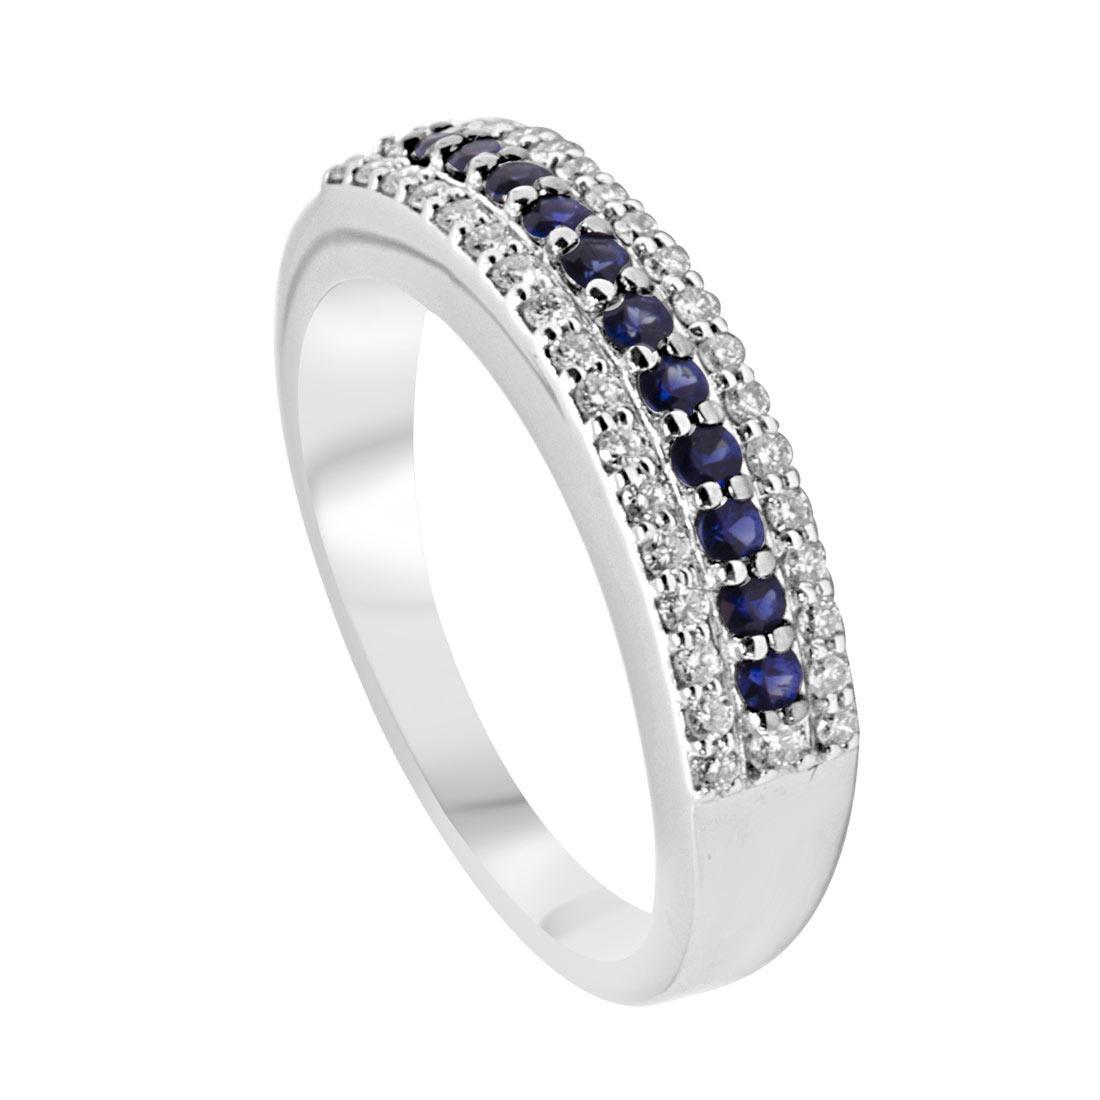 Anello veretta in oro bianco con diamanti e zaffiri mis 14 - ALFIERI & ST. JOHN